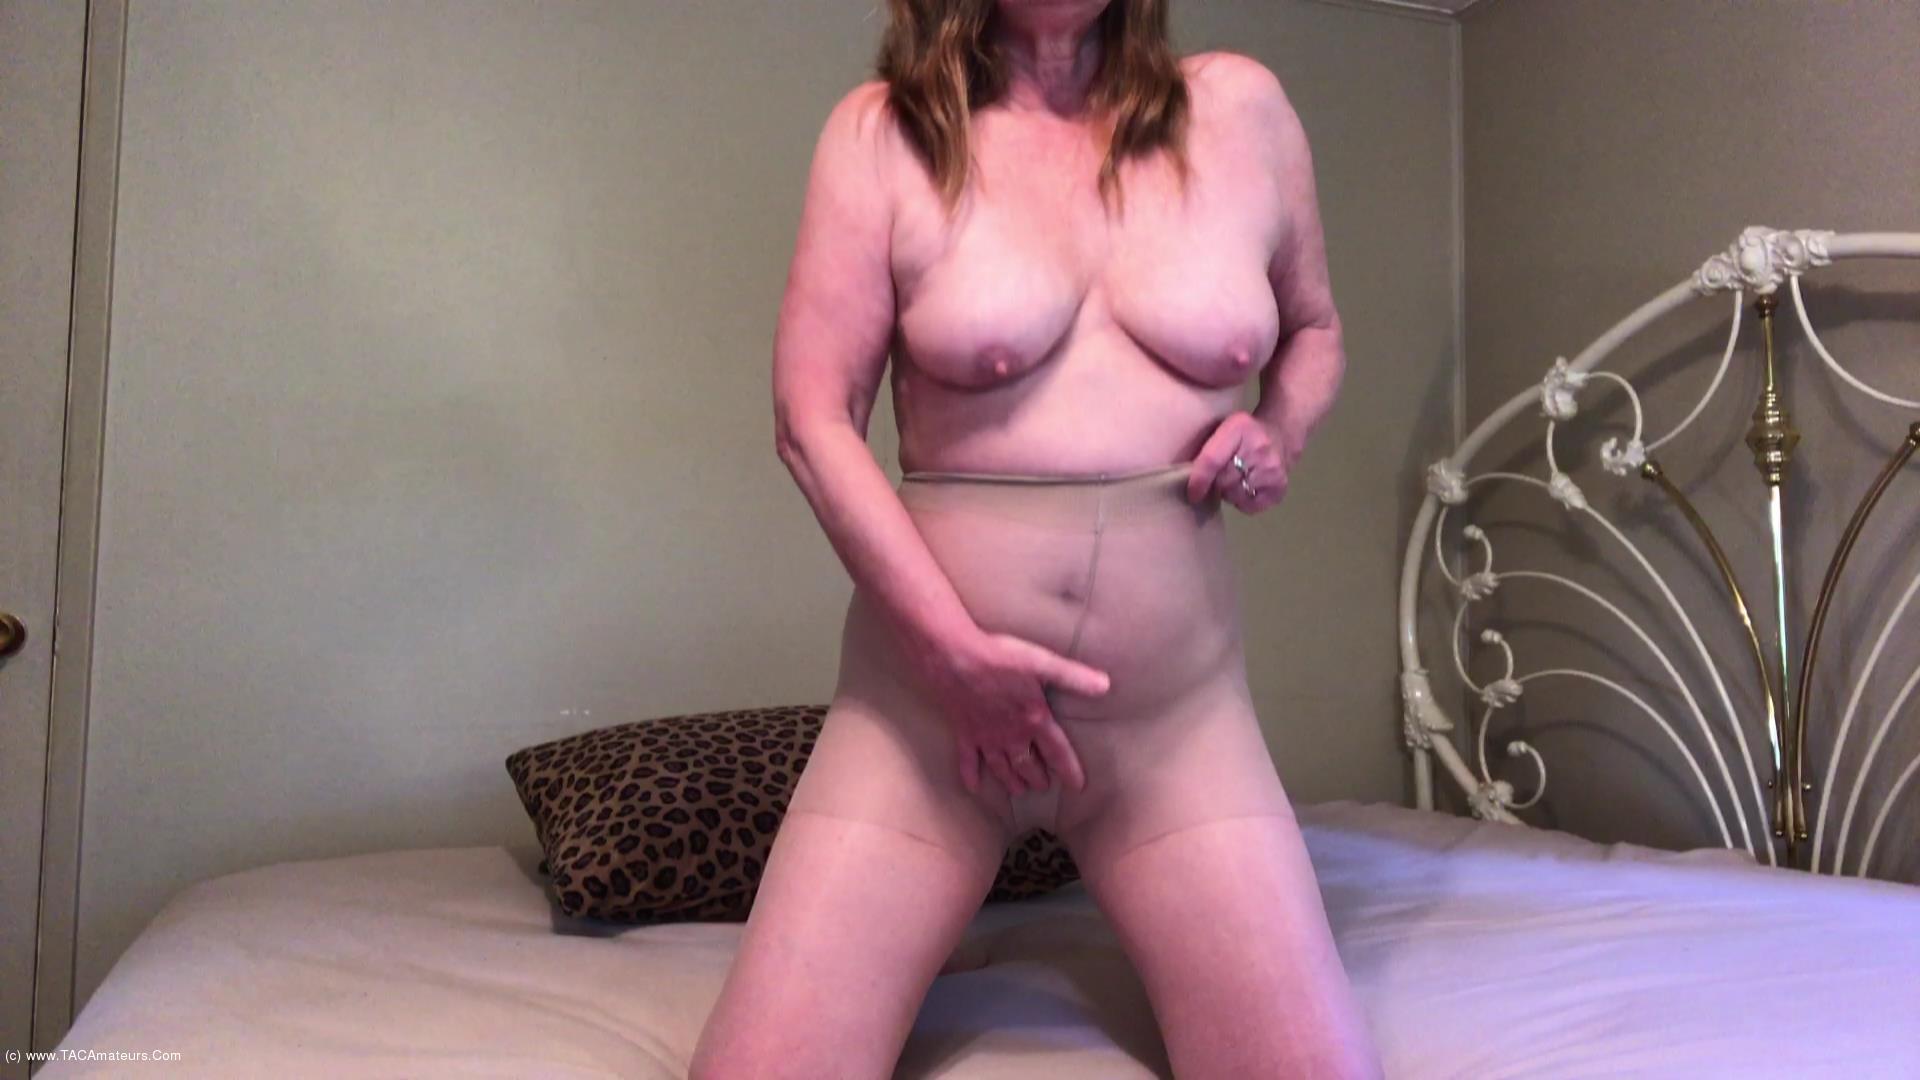 CougarBabeJolee - Pantyhose Masturbation Fetish scene 1